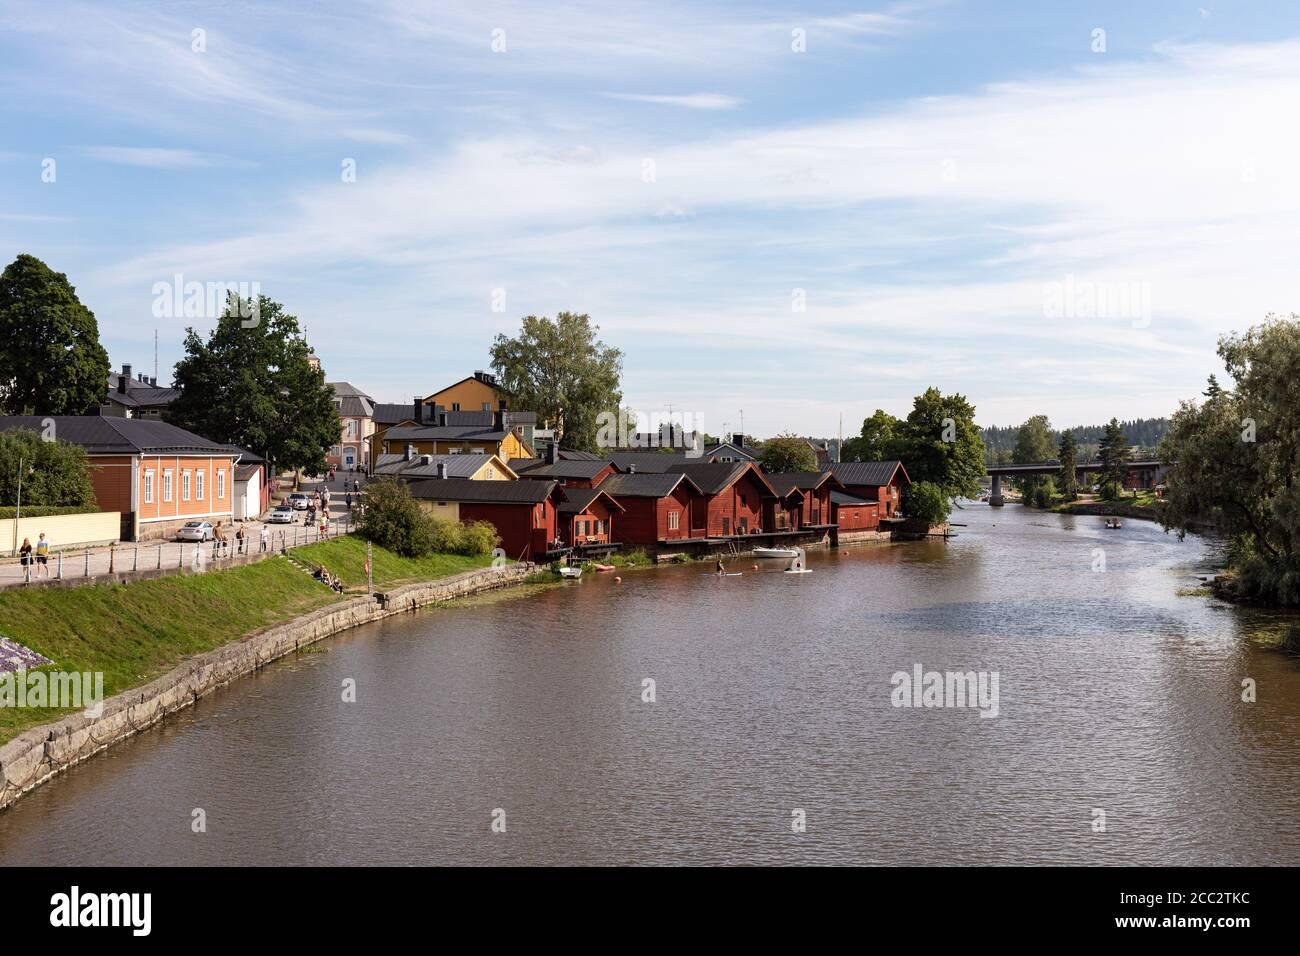 Antiguos edificios de almacenamiento de ocre rojo de madera junto al río Porvoonjoki en el casco antiguo de Porvoo, Finlandia Foto de stock